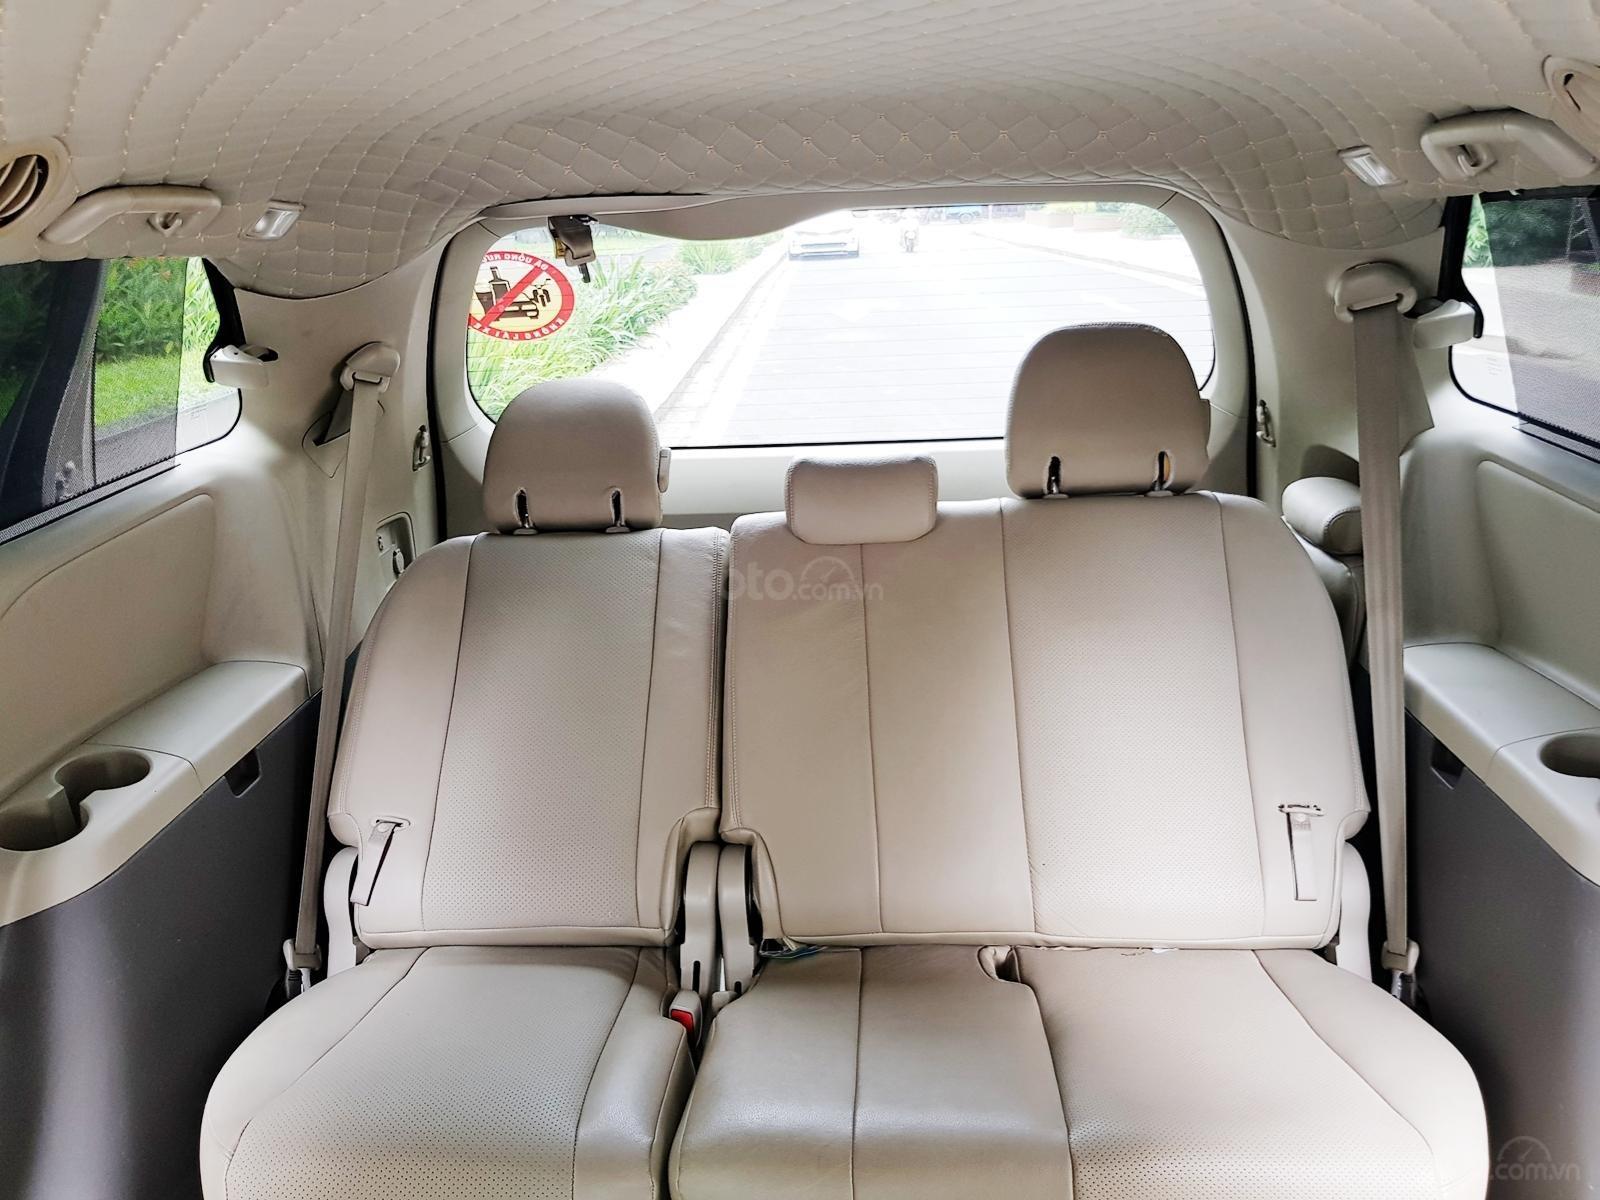 Bán xe Toyota Sienna 2011 3.5 LE nhập khẩu Mỹ (14)